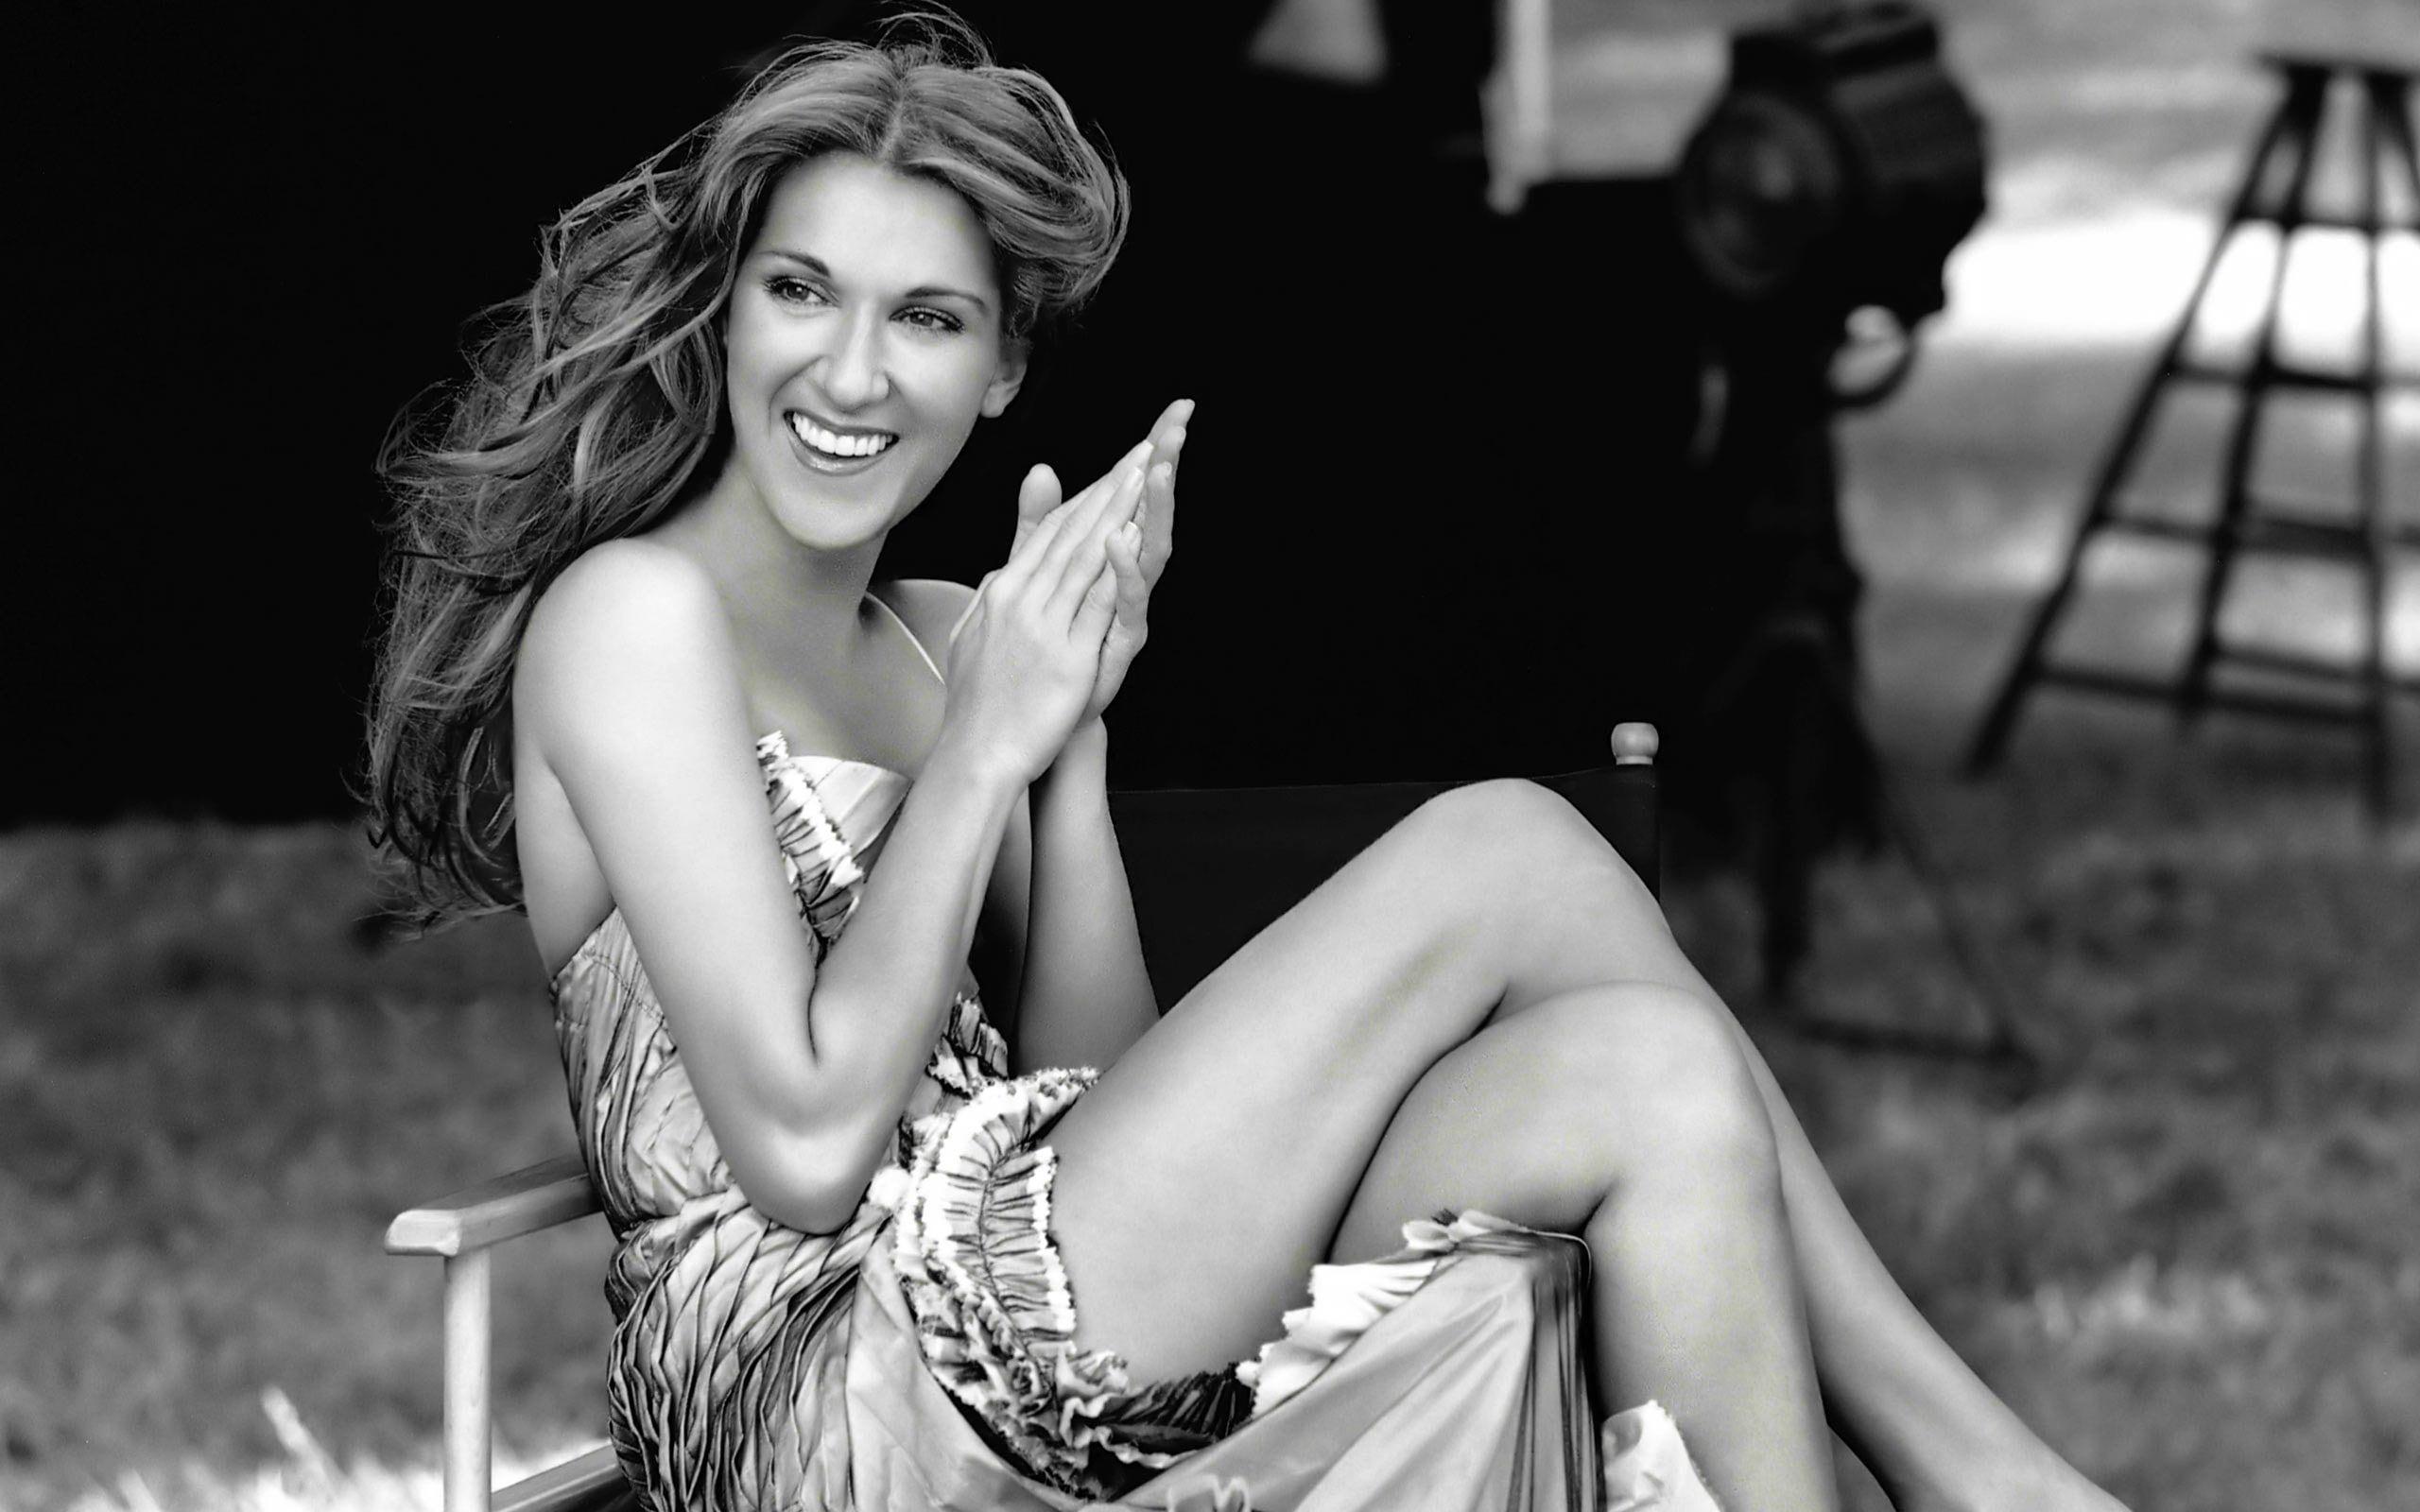 Celine Dion 2k Wallpaper Hdwallpaper Desktop Celine Dion Celine Musica